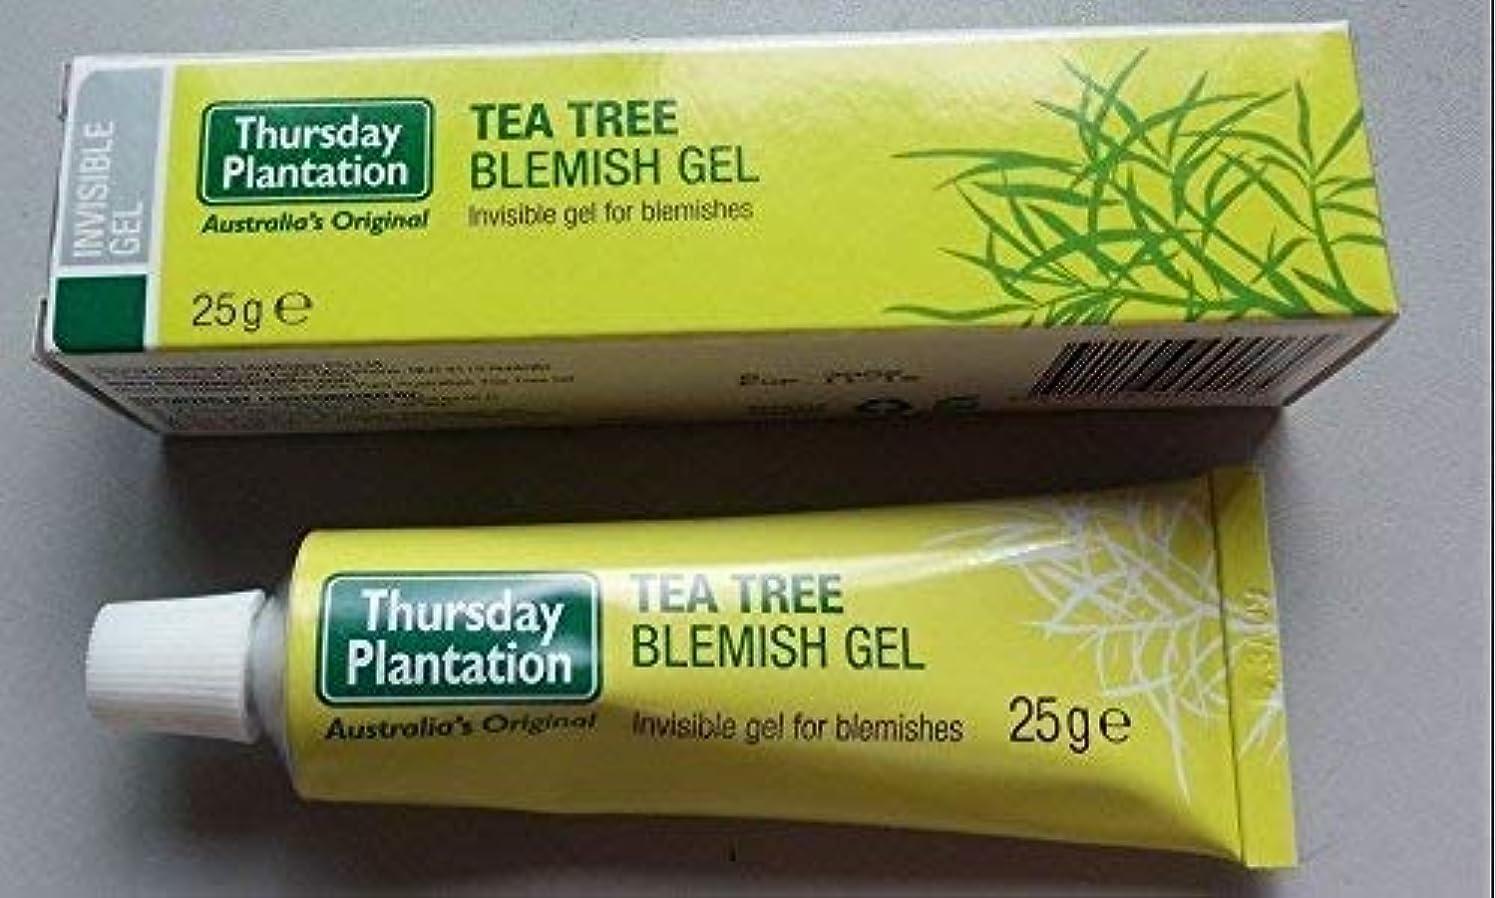 実際の送る左Plantation Tea 木曜日メートルのツリー目に見えない汚れゲル25gのニキビ、吹き出物、にきび